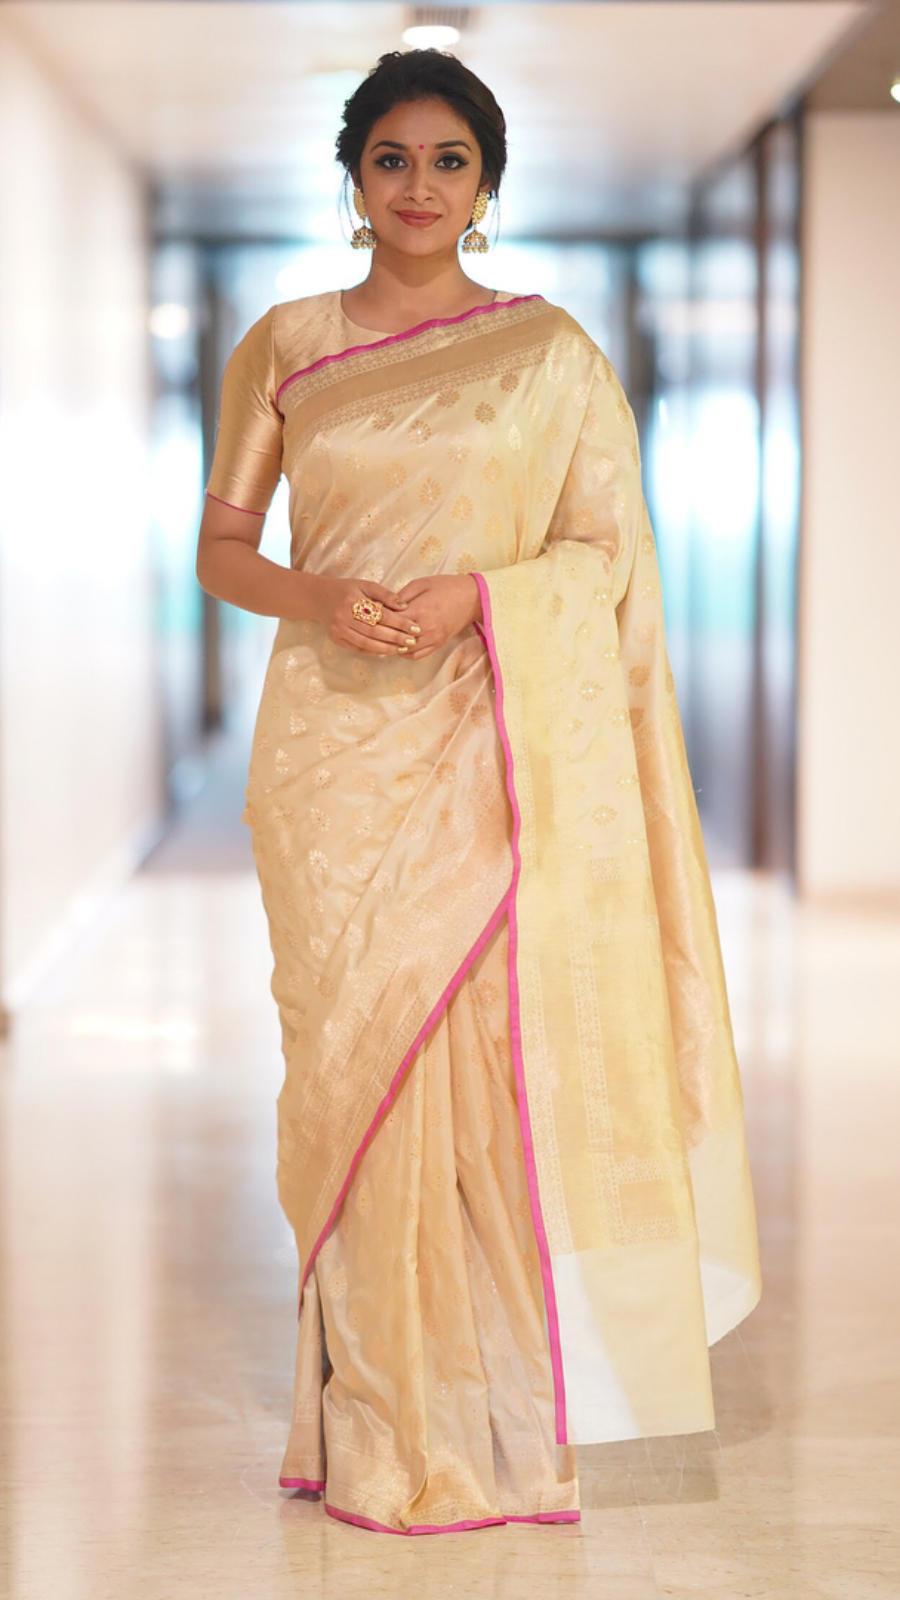 Classic saree